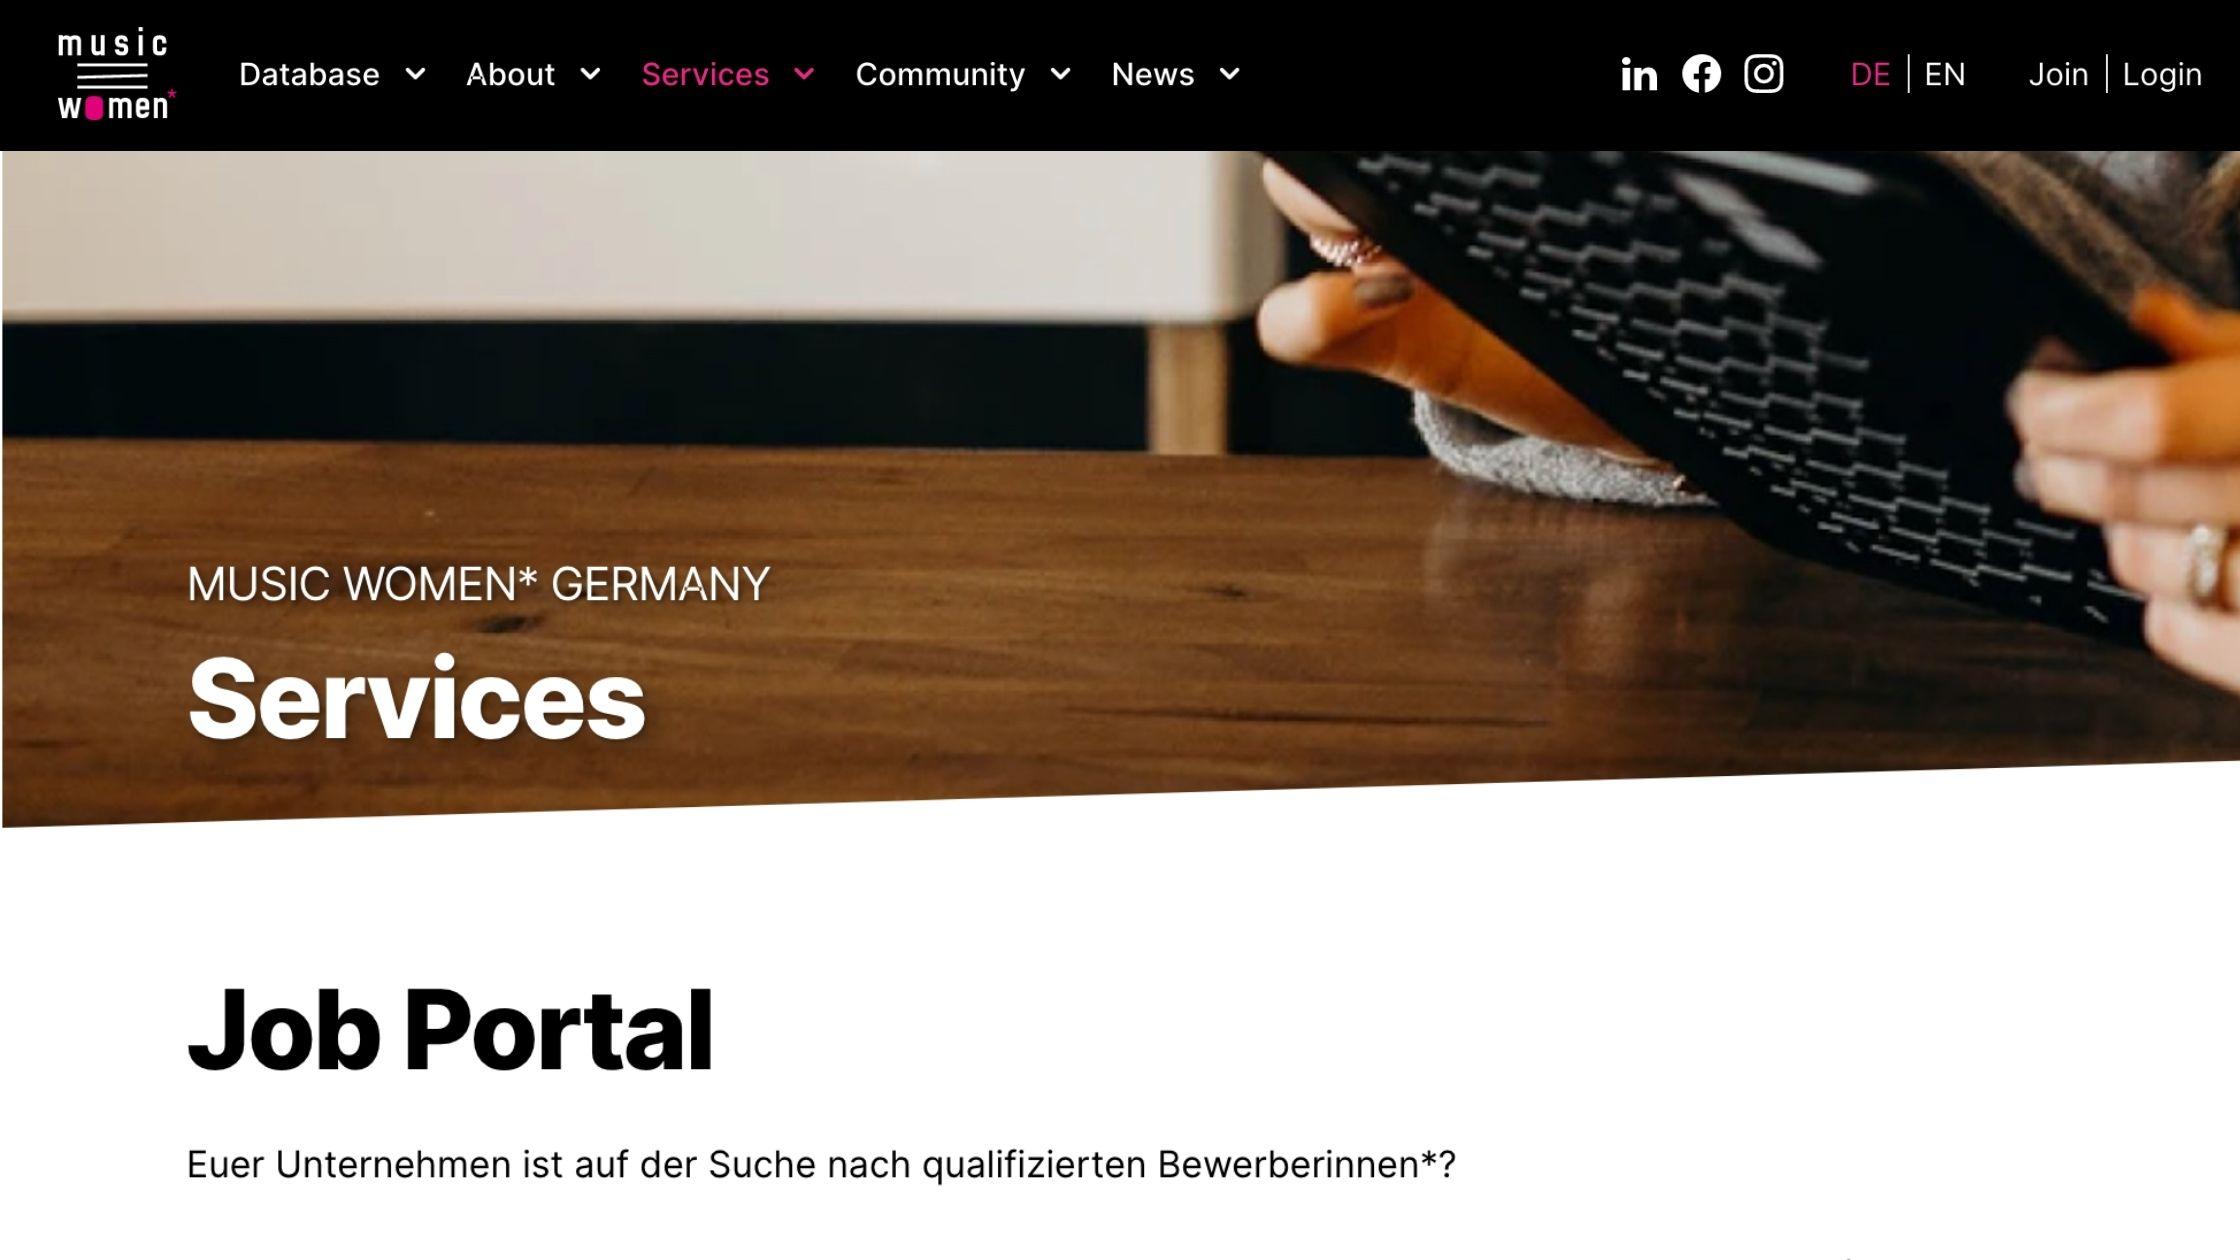 Job Portal für Musiker:innen & Musikschaffende zeigt Perspektiven auf